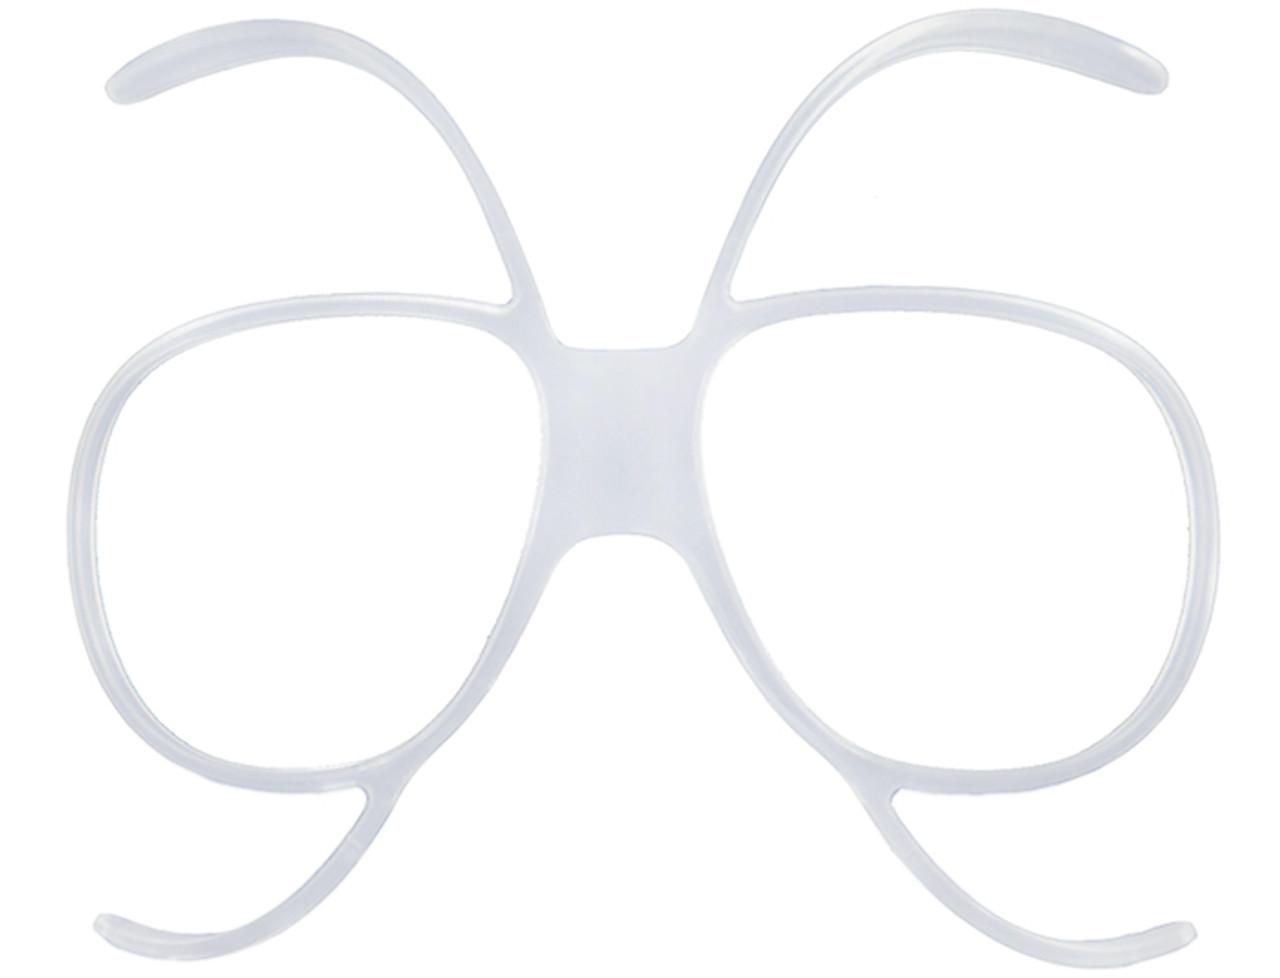 cd63c1ff3e Ski Goggles Insert - Type 4